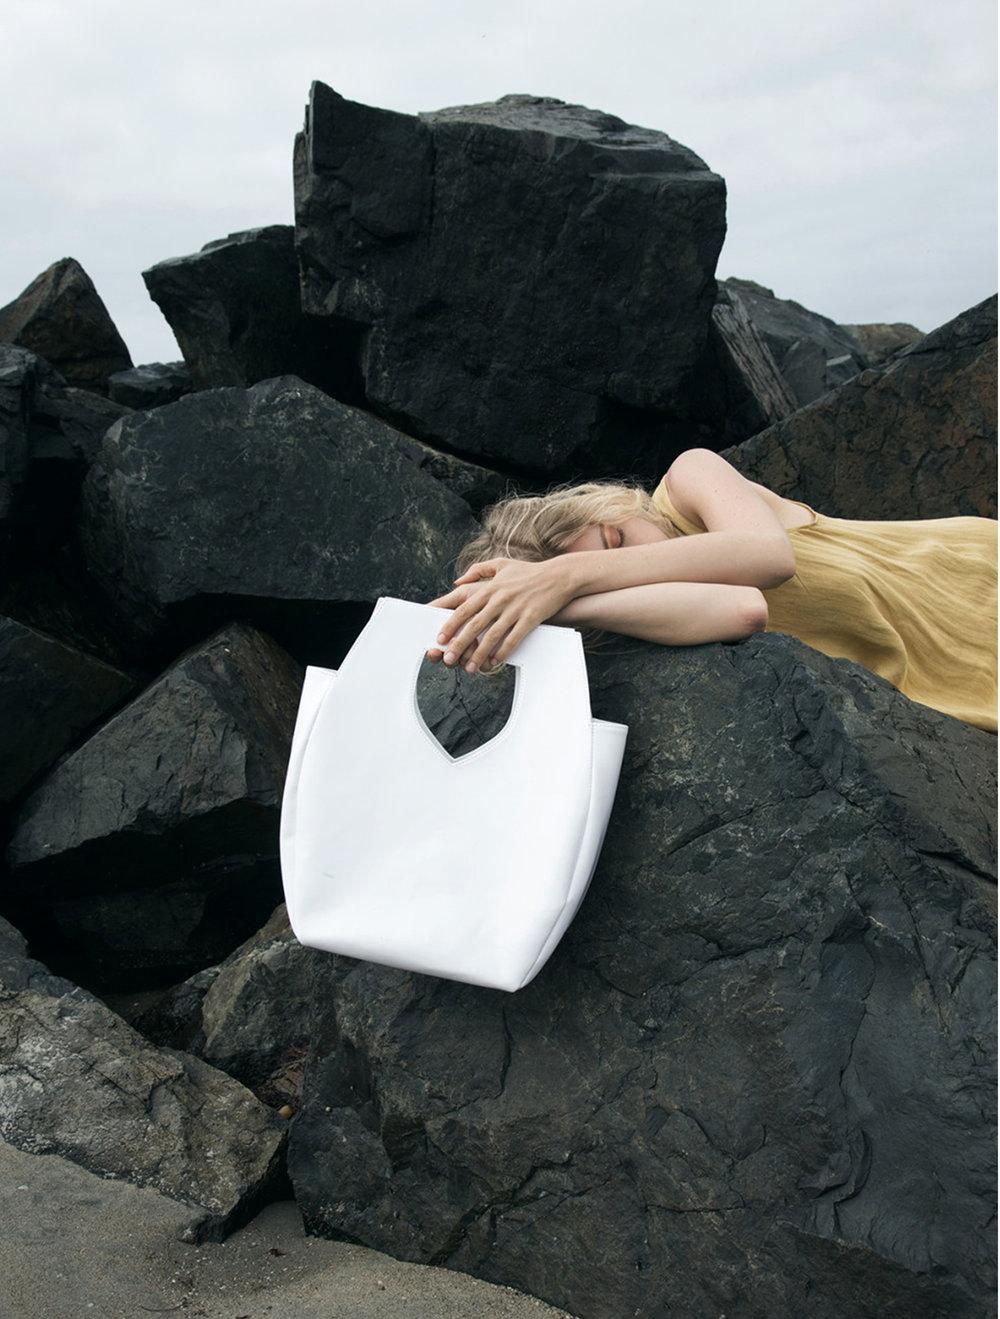 julia-kostreva-studio-brand-identity-for-ceri-hoover--4b--brett-warren.jpg